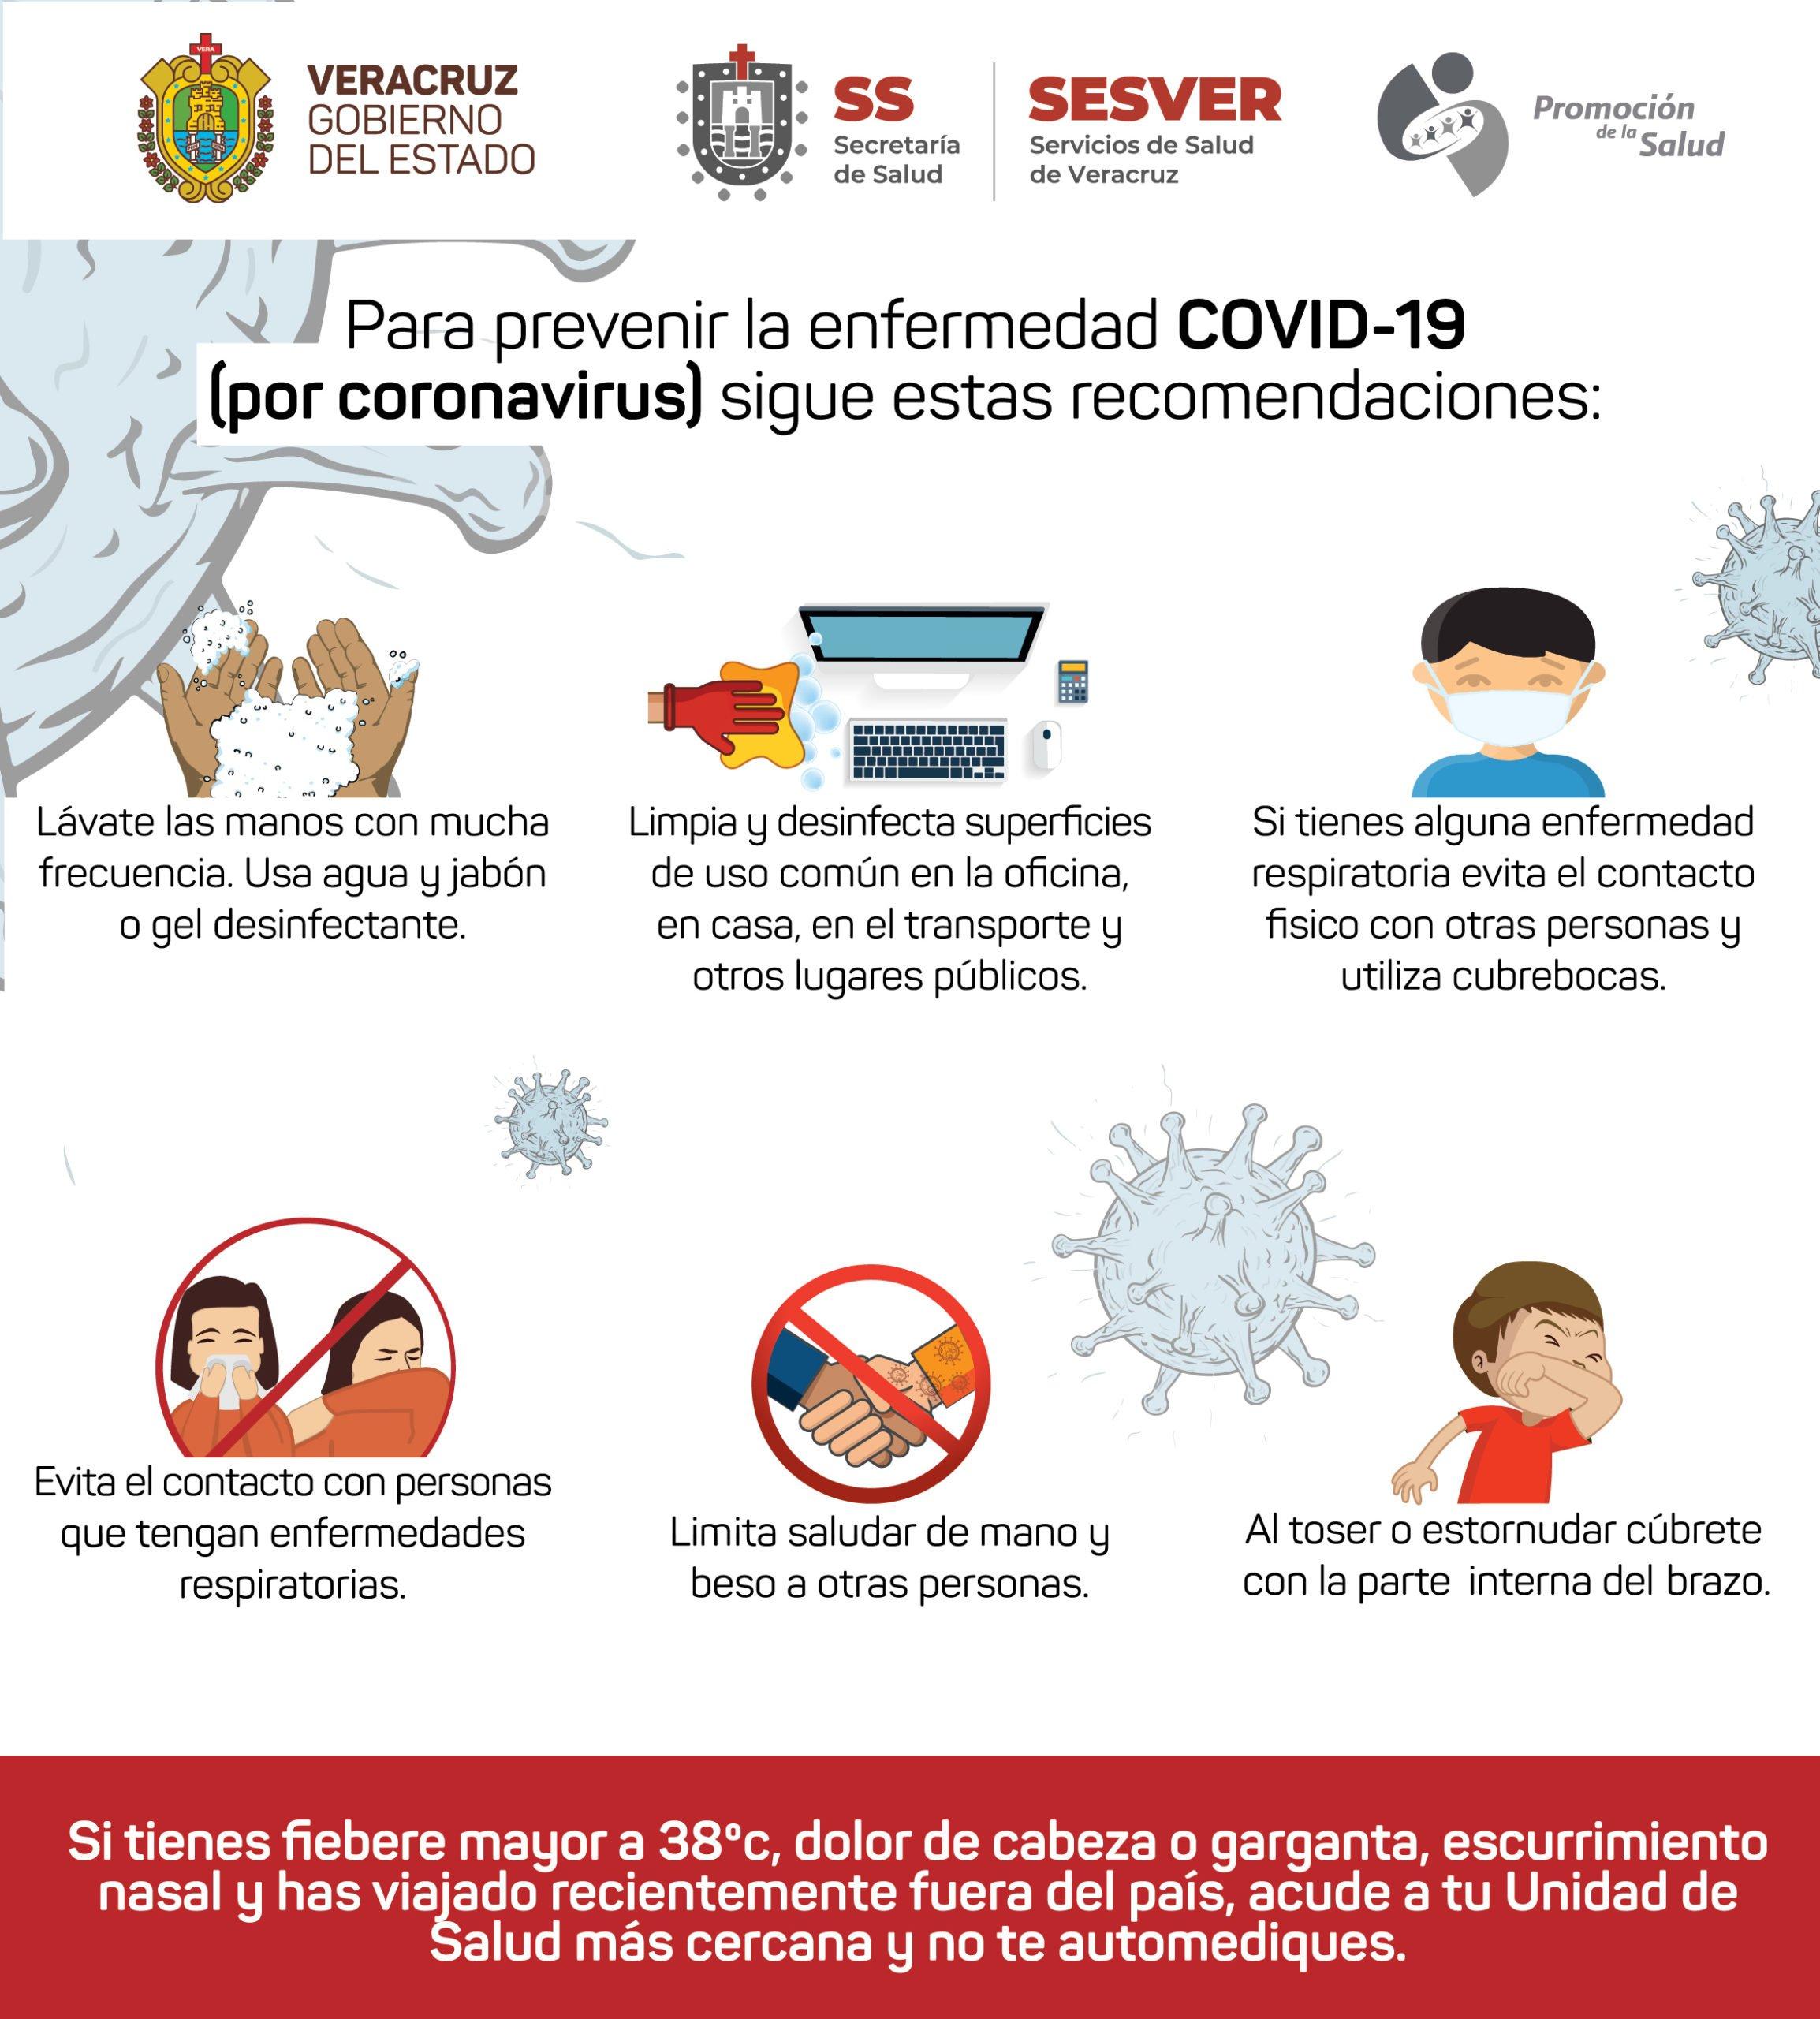 https://0201.nccdn.net/1_2/000/000/0d5/d69/coronavirusV-01-scaled.jpg